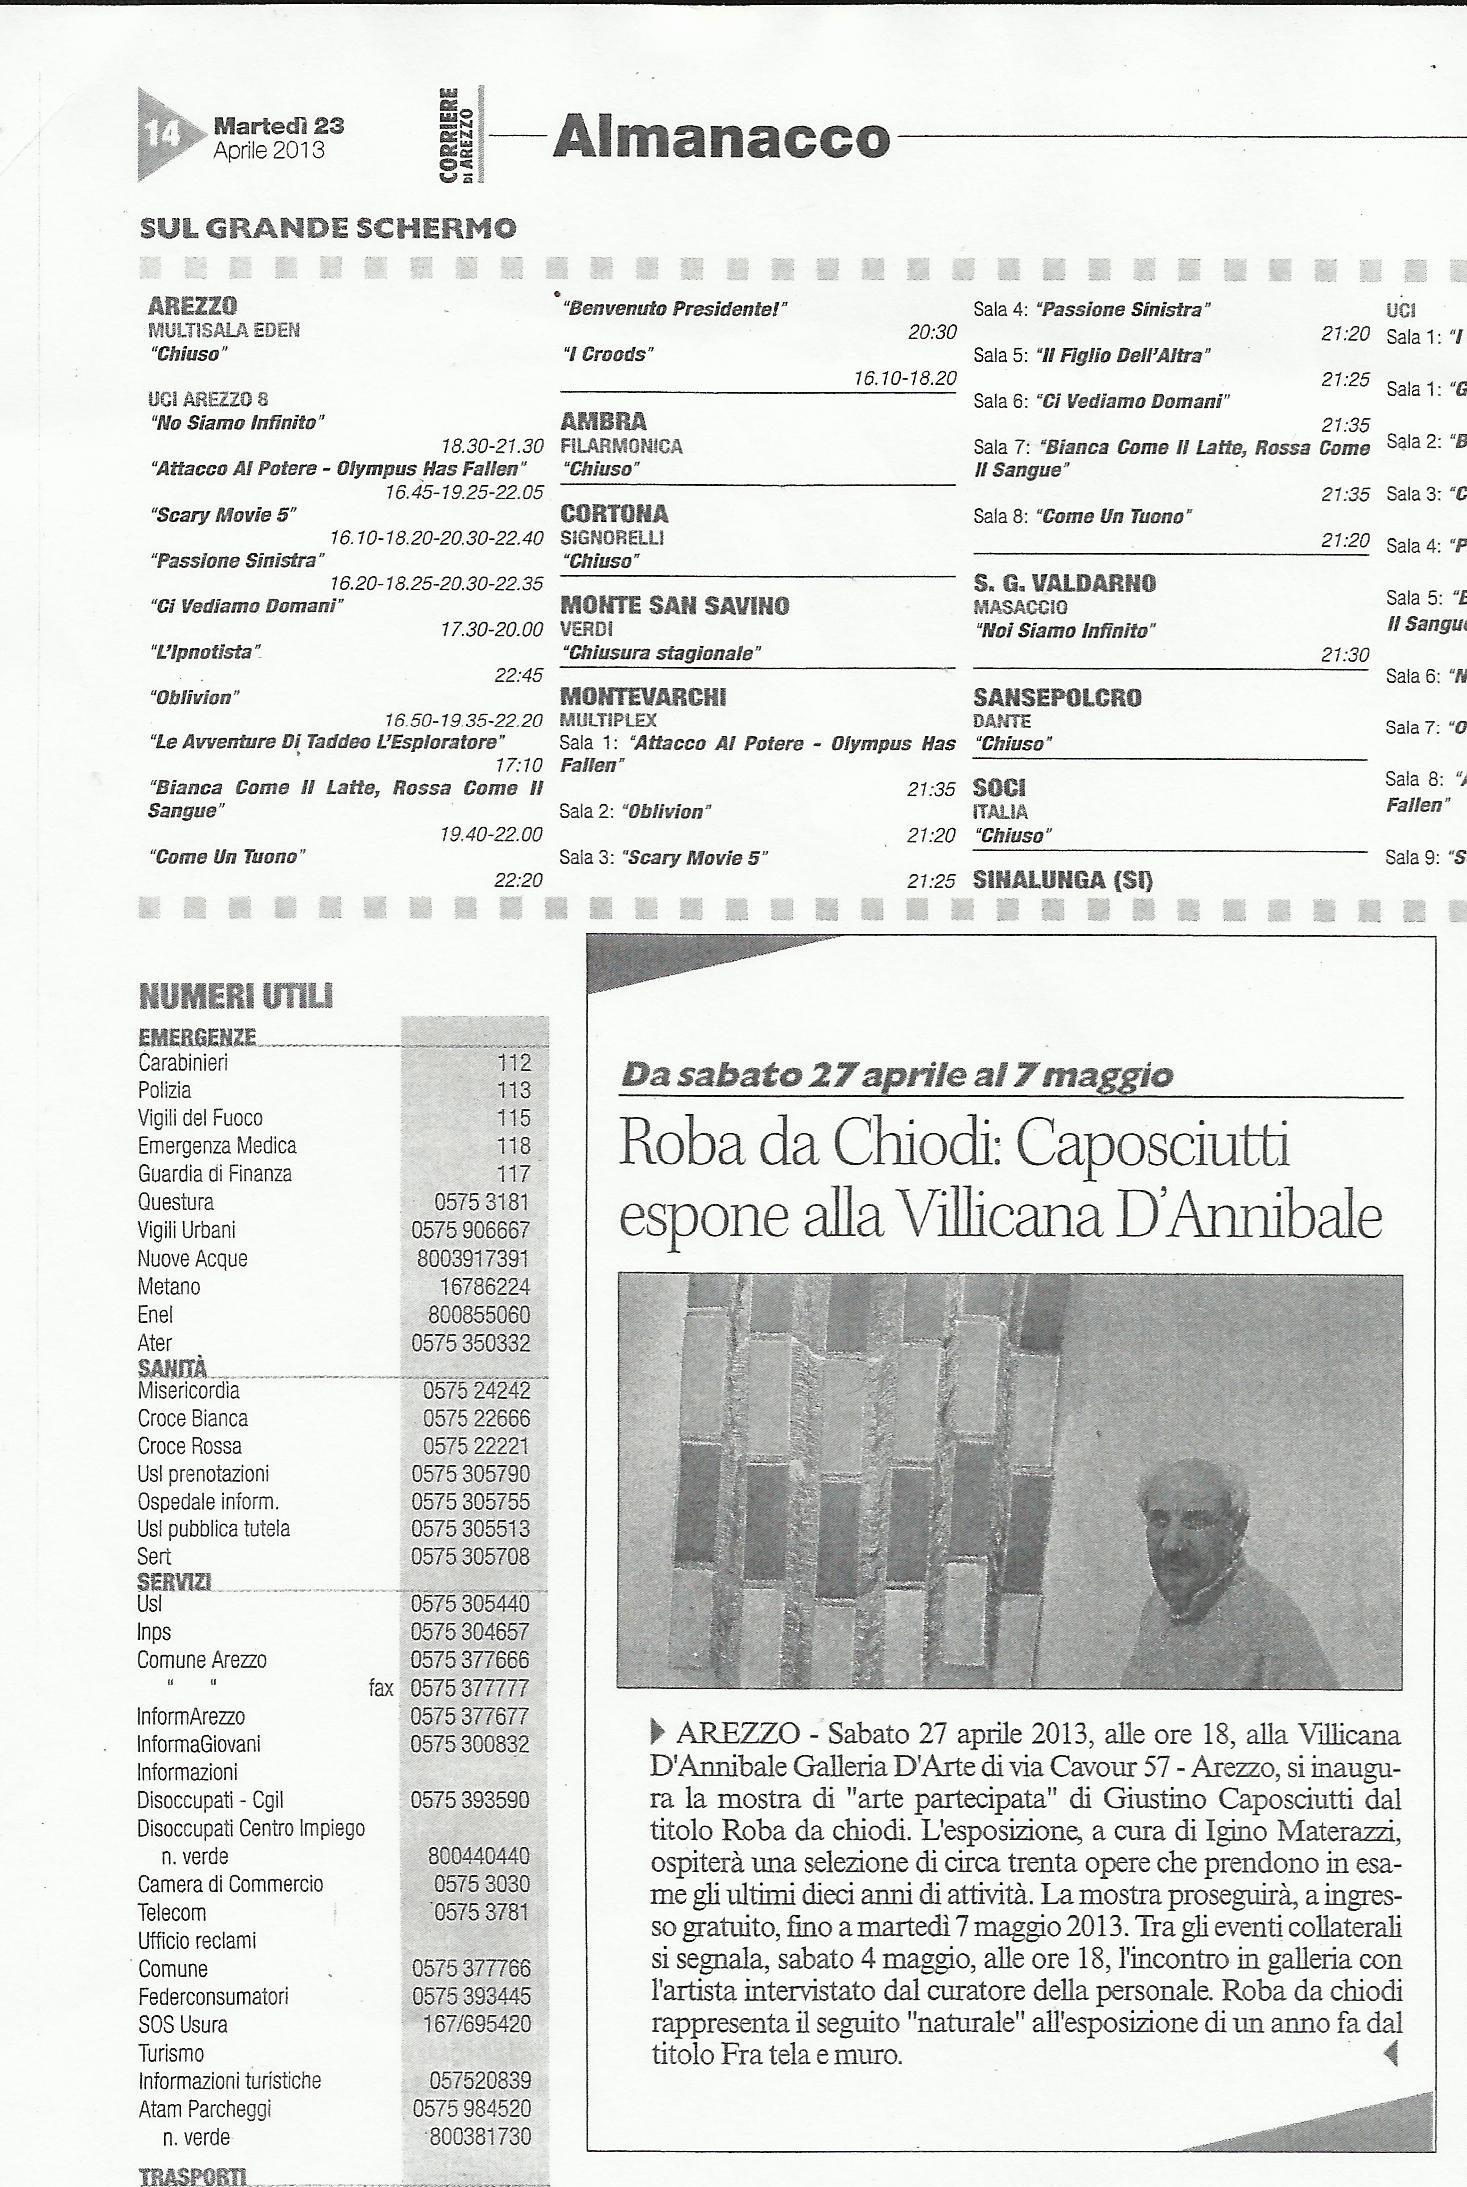 CORRIERE DI AREZZO: Caposciutti